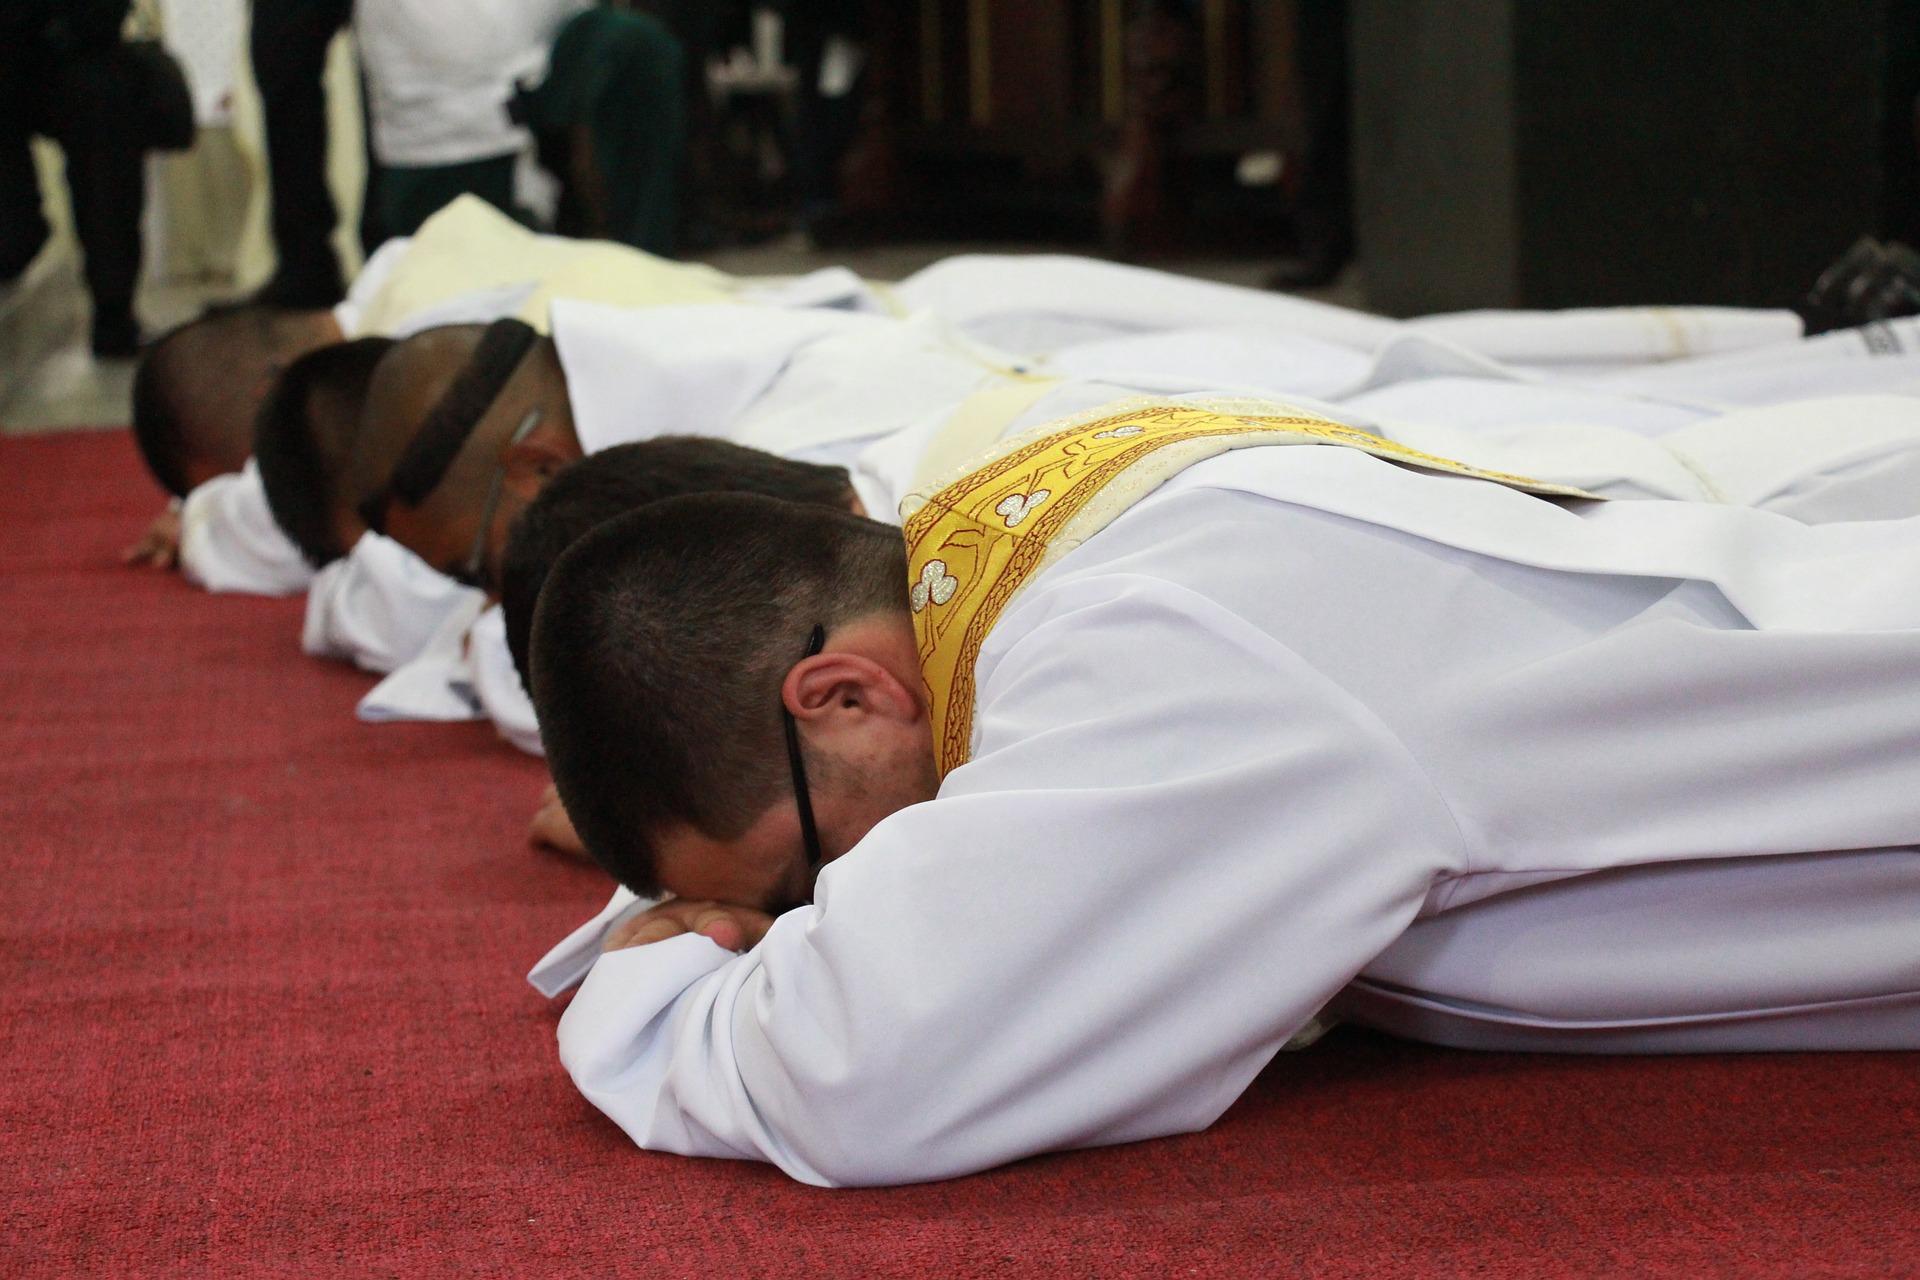 Niektórzy powołani są do bycia księżmi, co w praktyce oznacza pracę duszpasterskiej i posługę ludowi Bożemu. Czy Cię to dotyczy, czy też nie, zachęcamy do sprawdzenia się w quizie o sakramencie kapłaństwa.